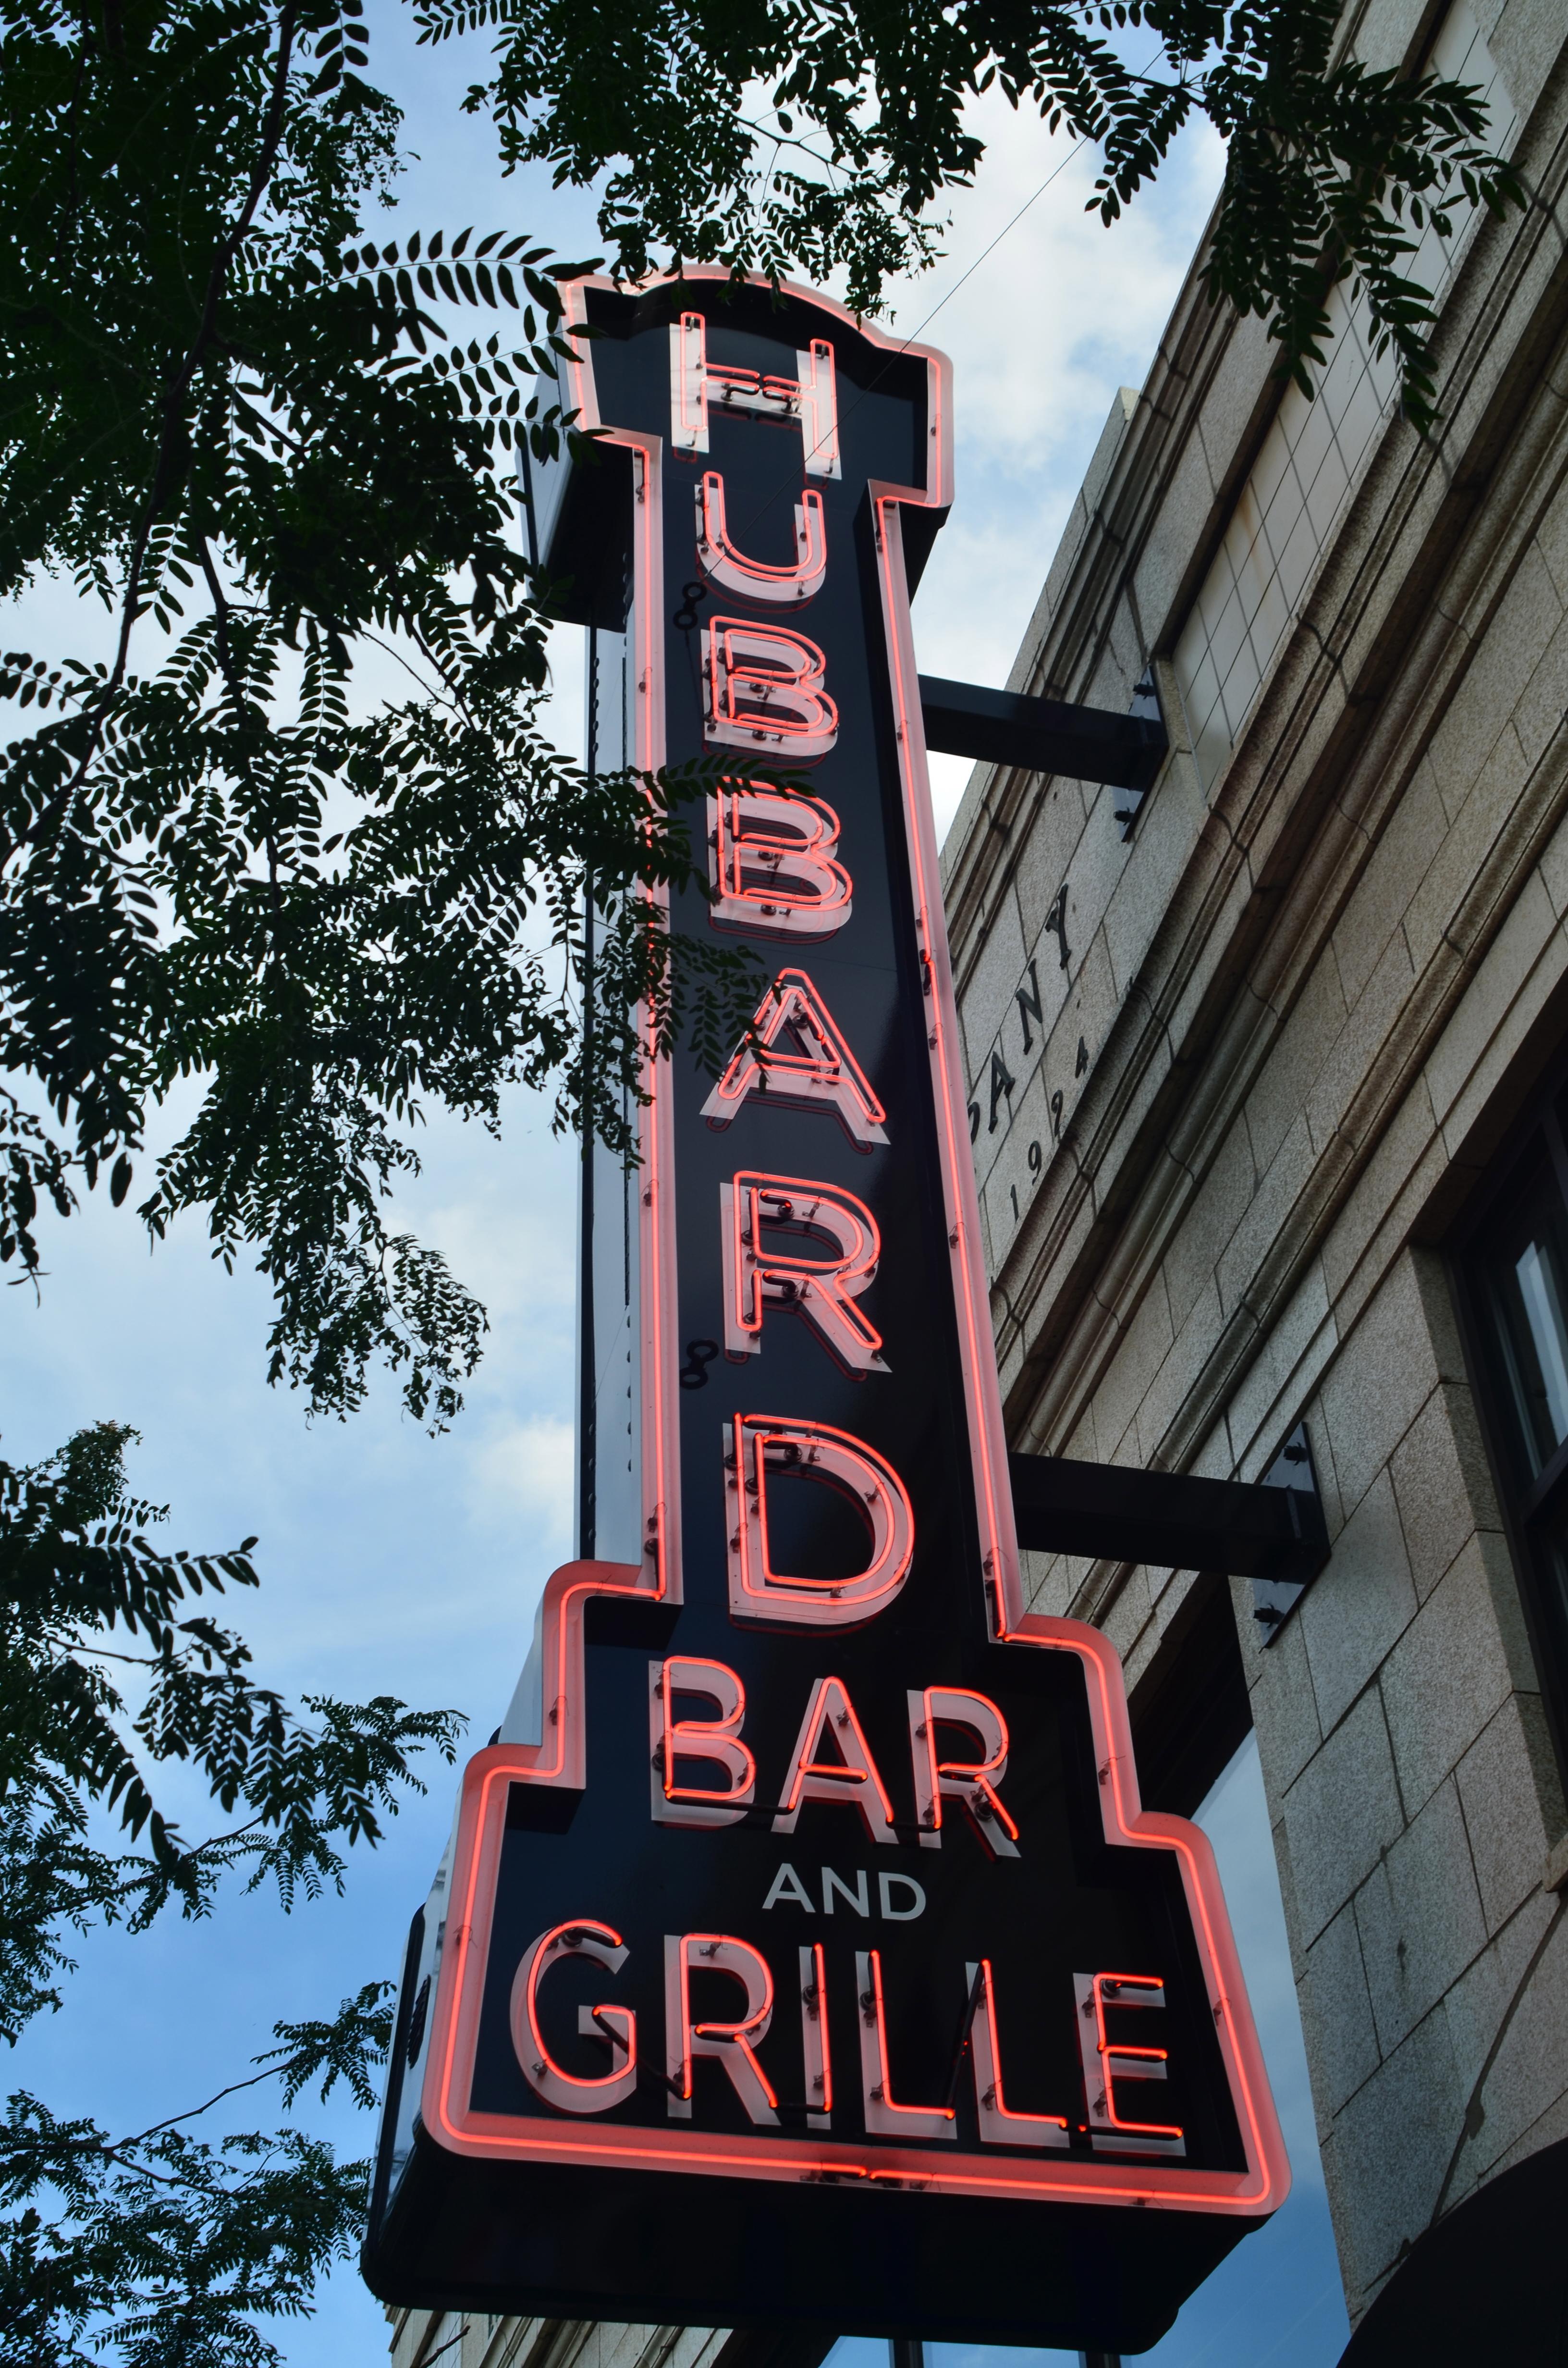 Hubbard Grill